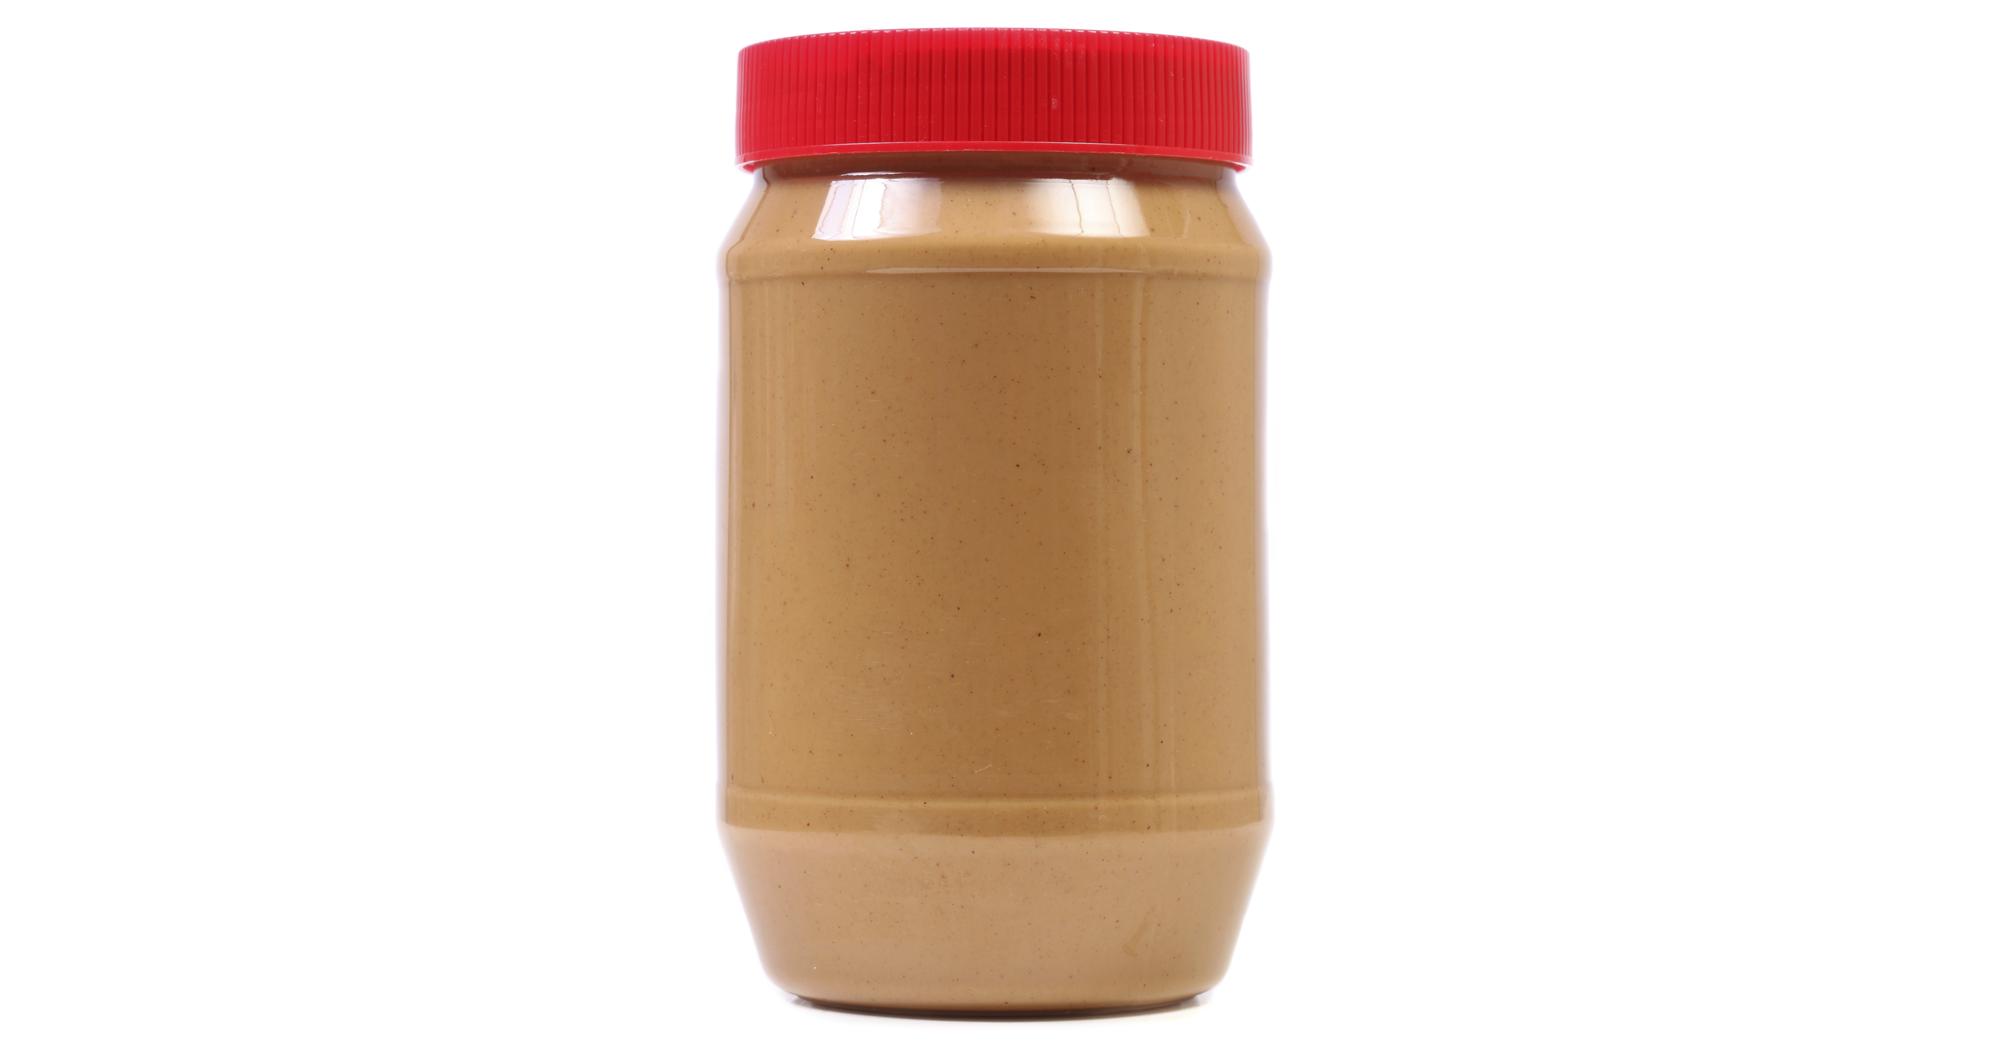 Peanut butter jar png 5 » PNG Image.